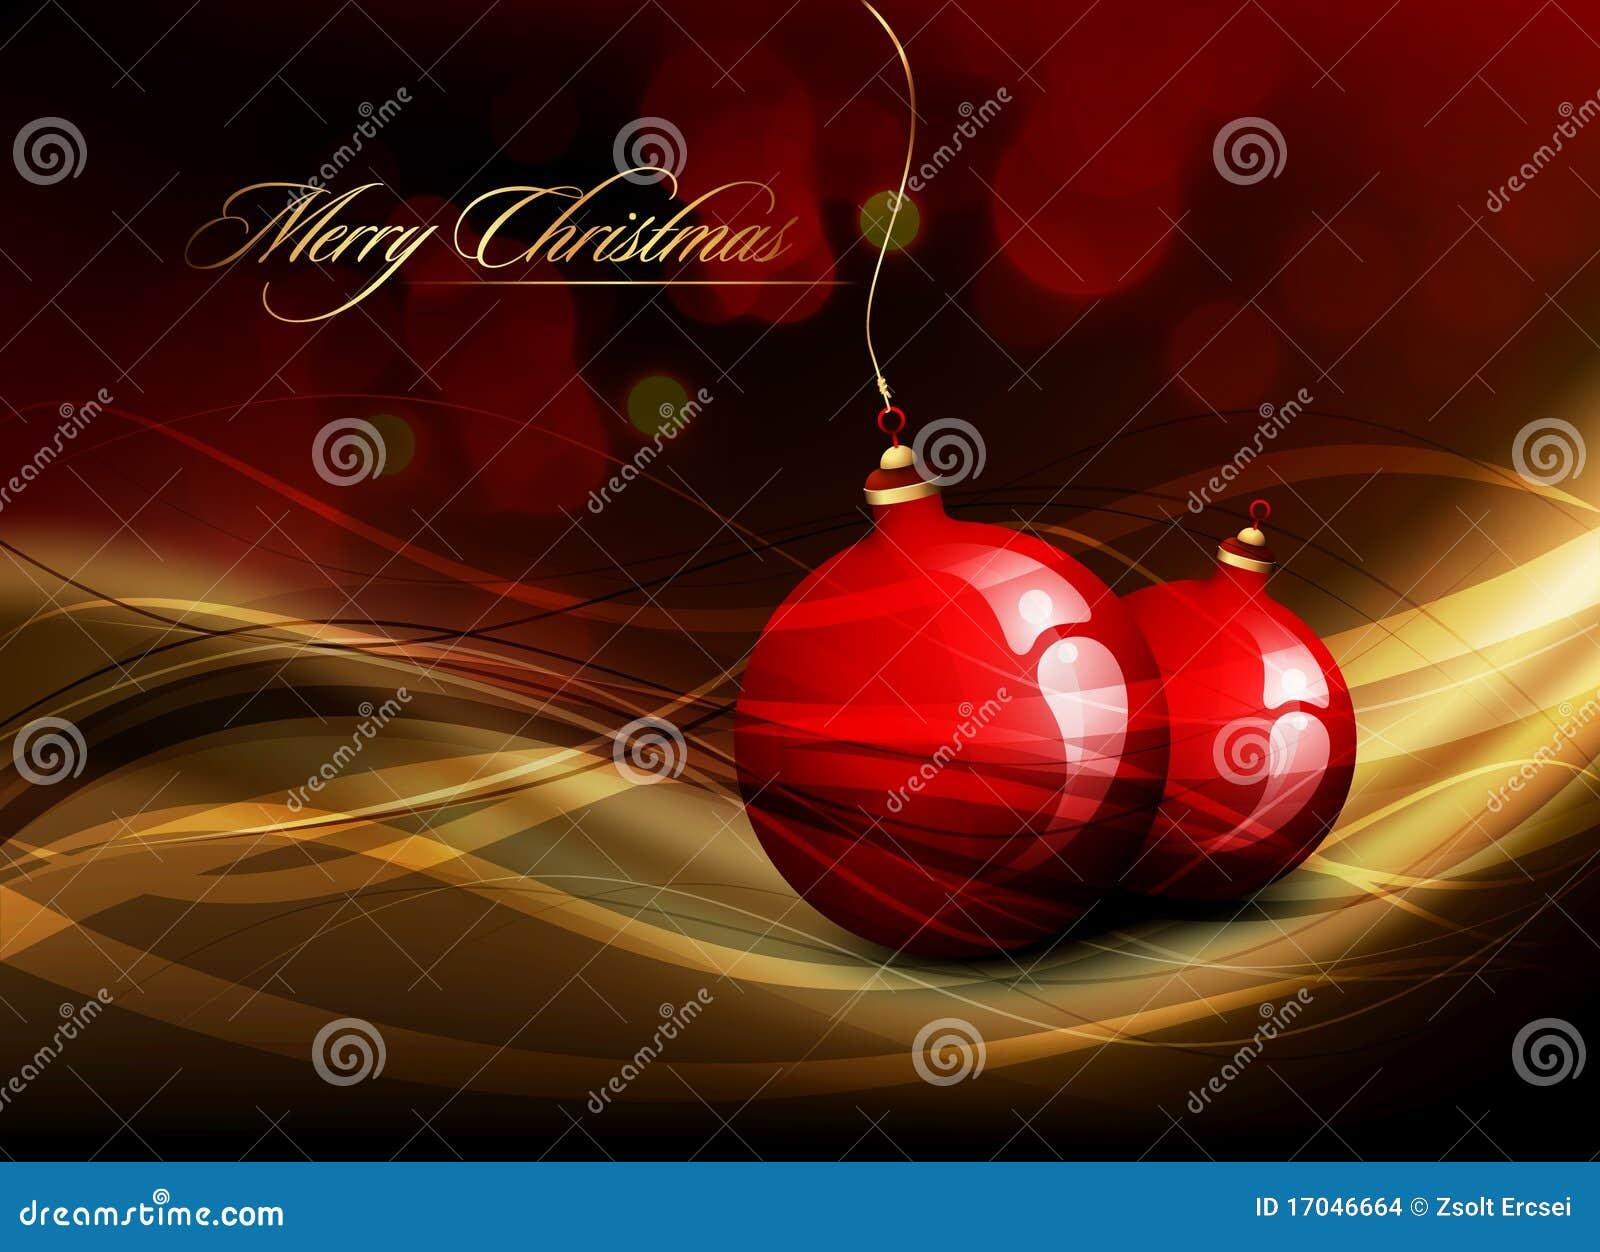 вектор рождества карточки